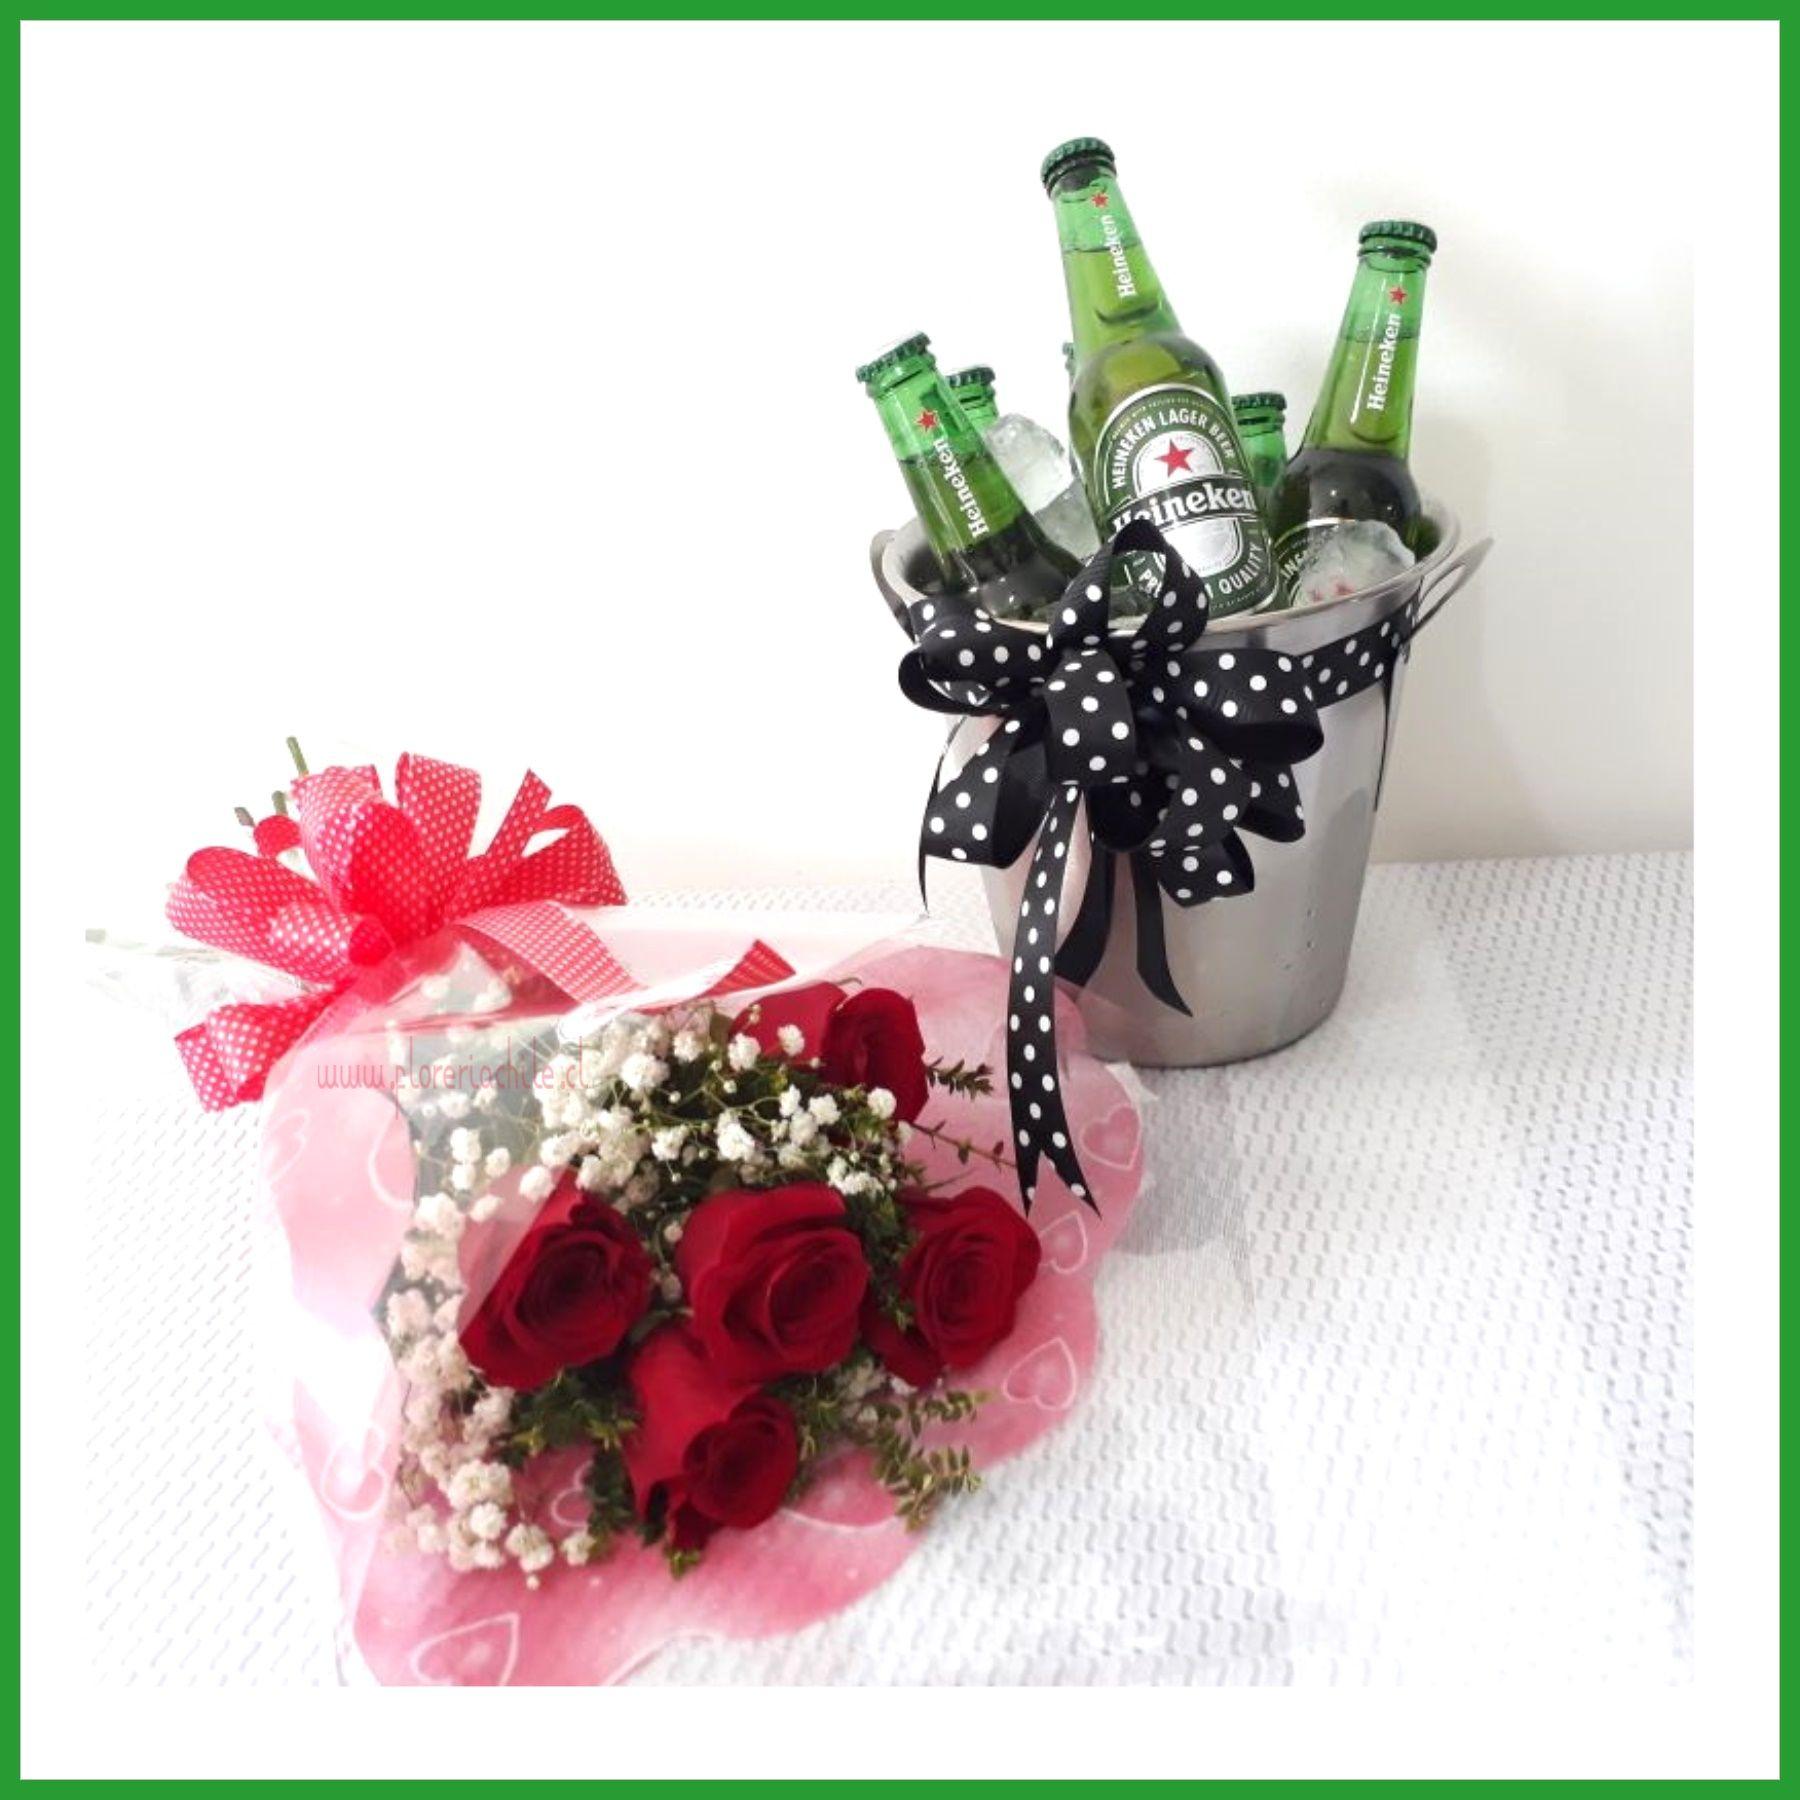 Bouquet De 05 Rosas Hielera 06 Cervezas Heineken Sofia